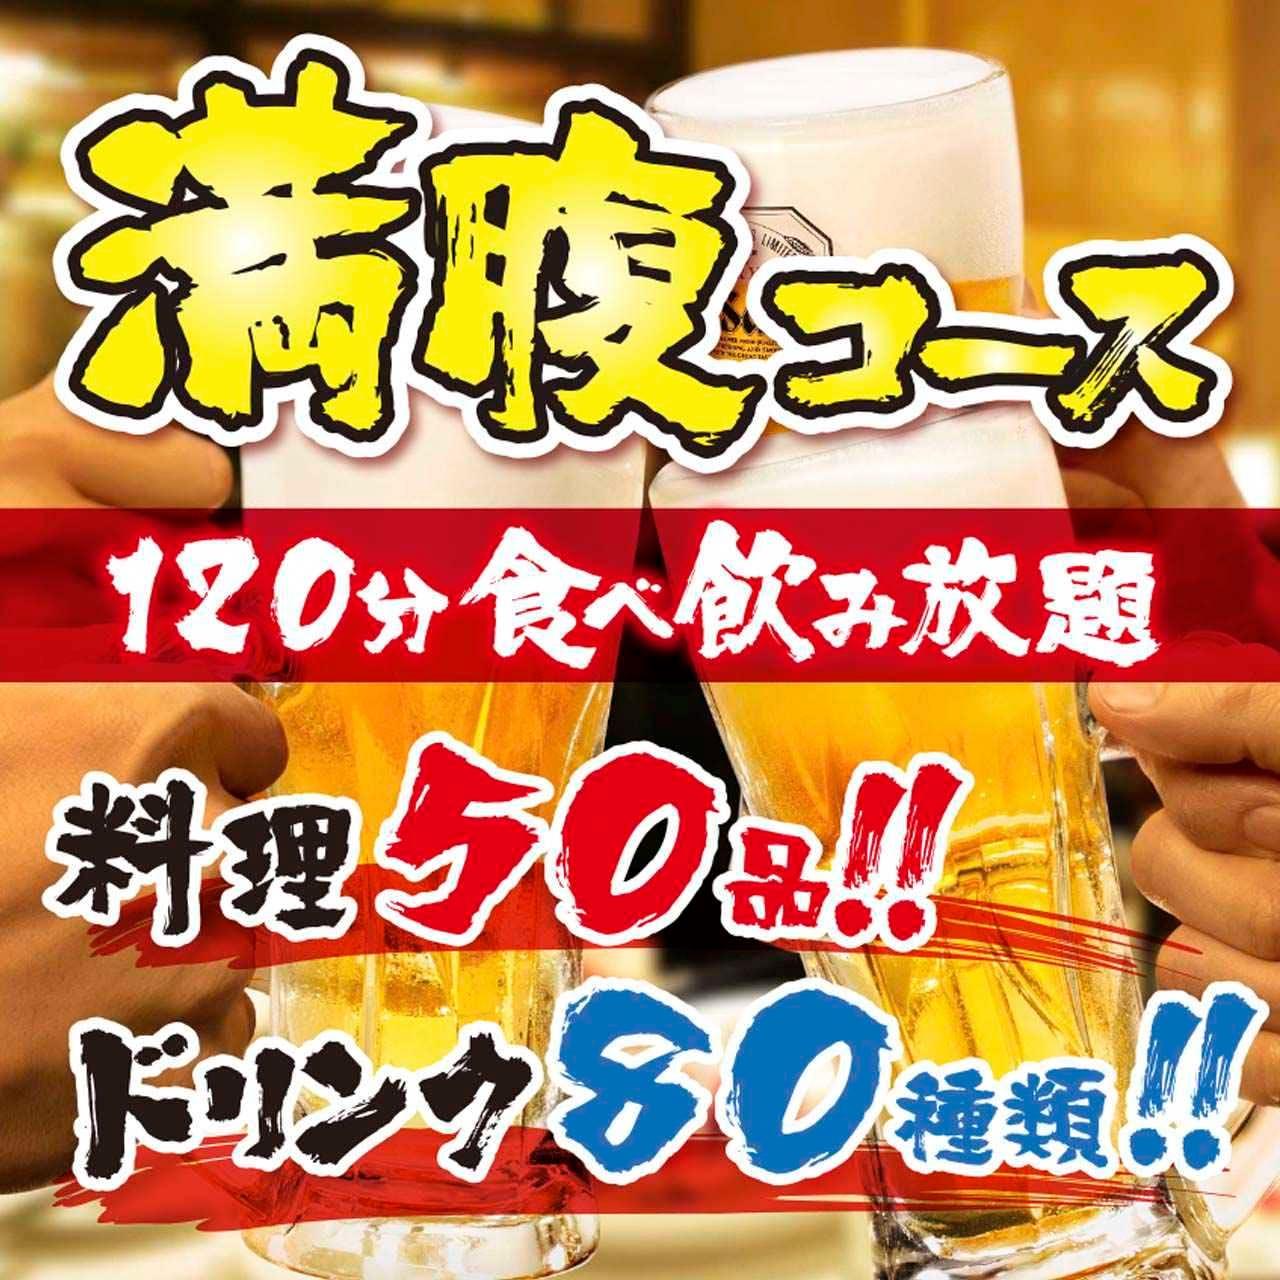 【満腹】日~木限定食べ飲み放題コース全35品120分食飲放題2500円※金土祝前日は21時~利用可能